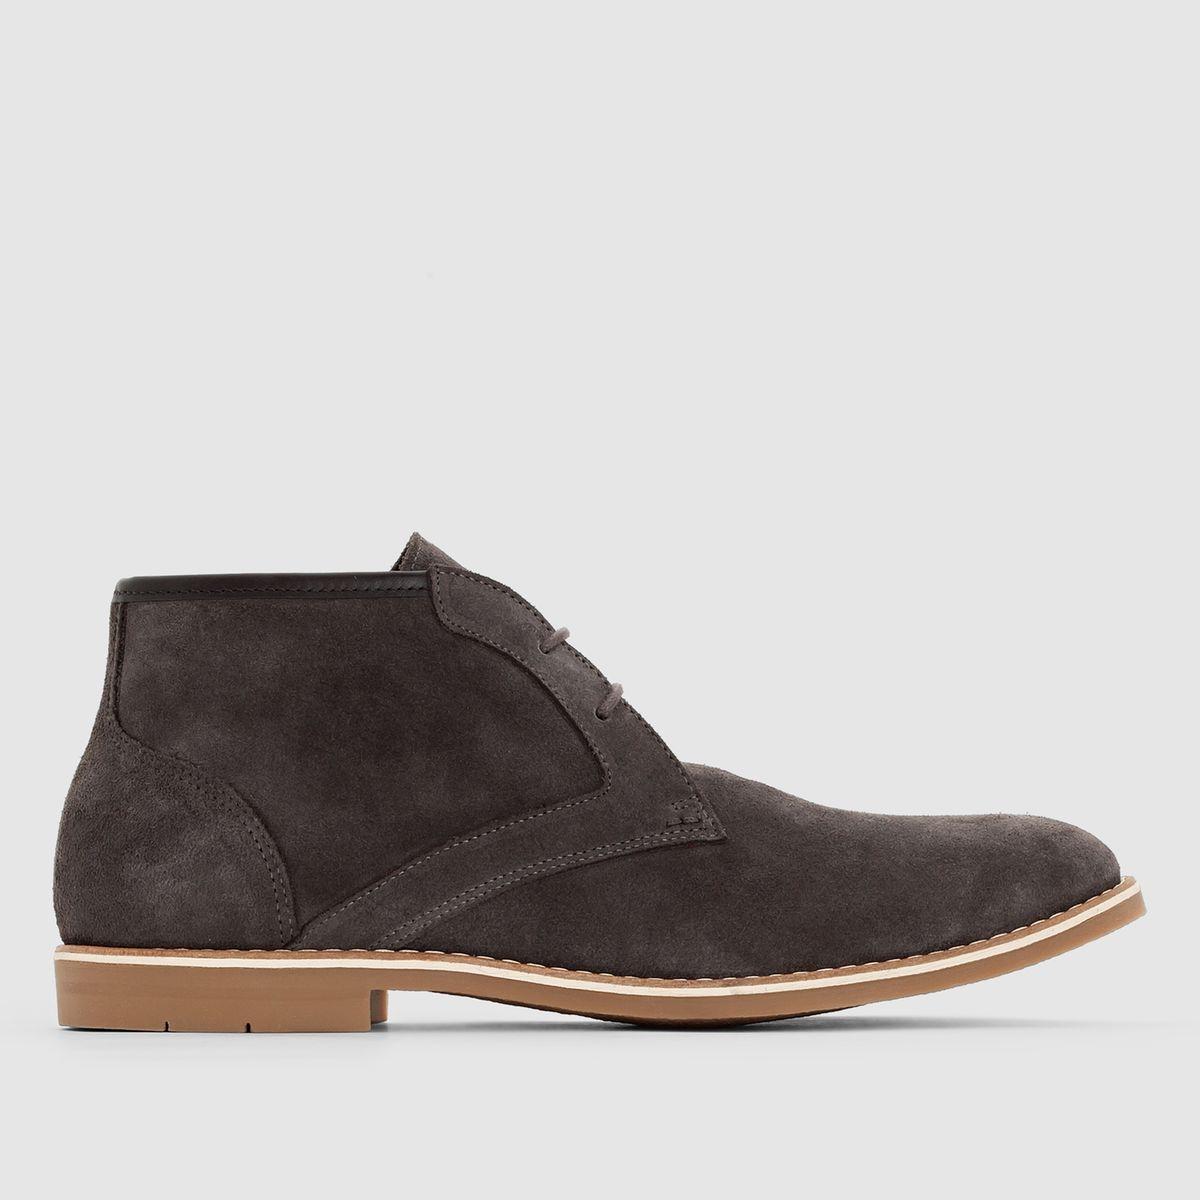 6e2d1c4683fc9 Boots en cuir à lacets - LA